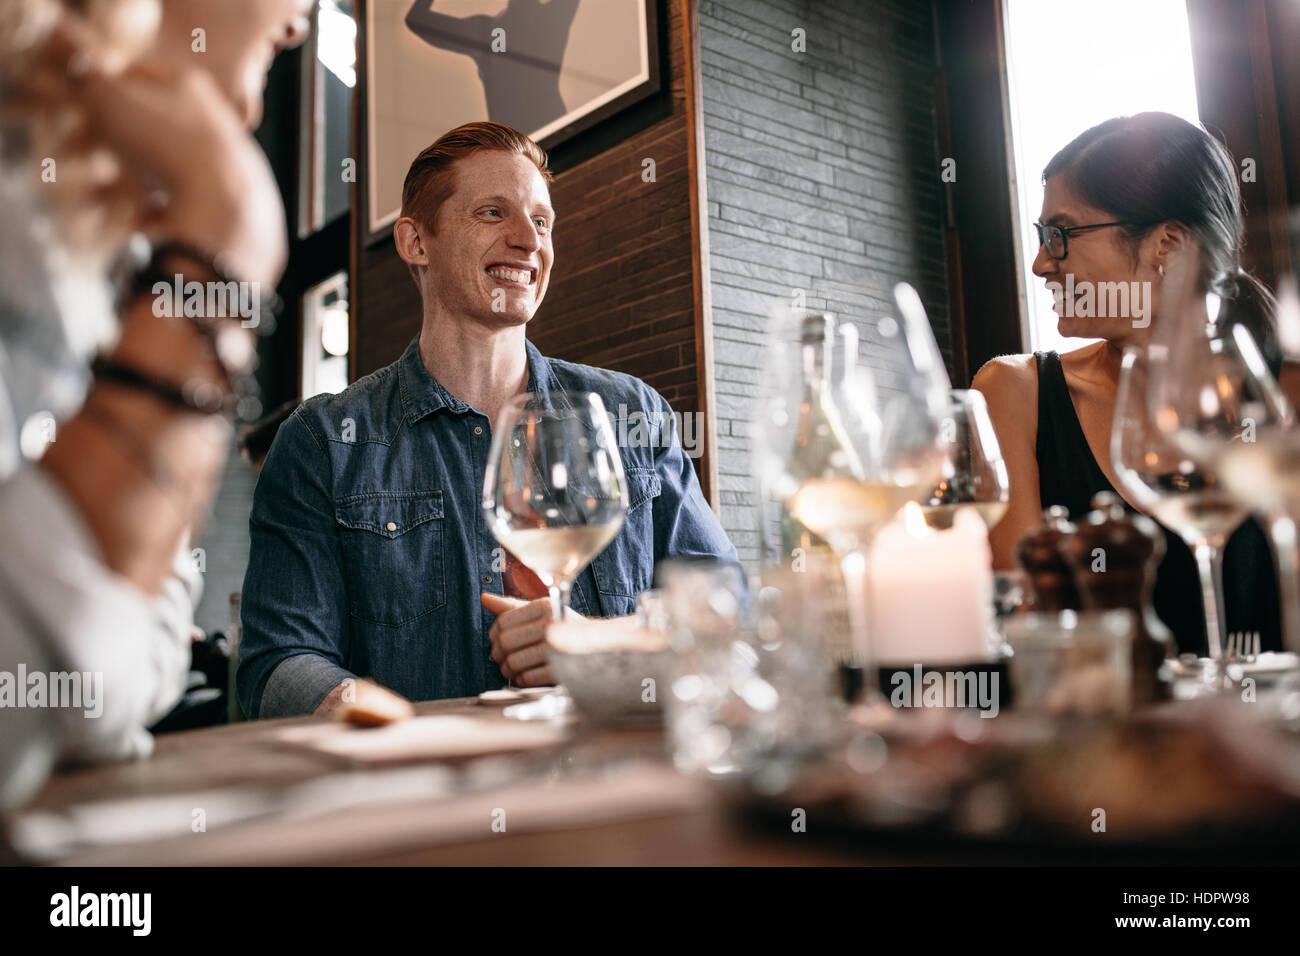 Glücklich Jüngling mit Freunden im Café. Junge Menschen, Abendessen in einem Restaurant zu genießen. Stockbild